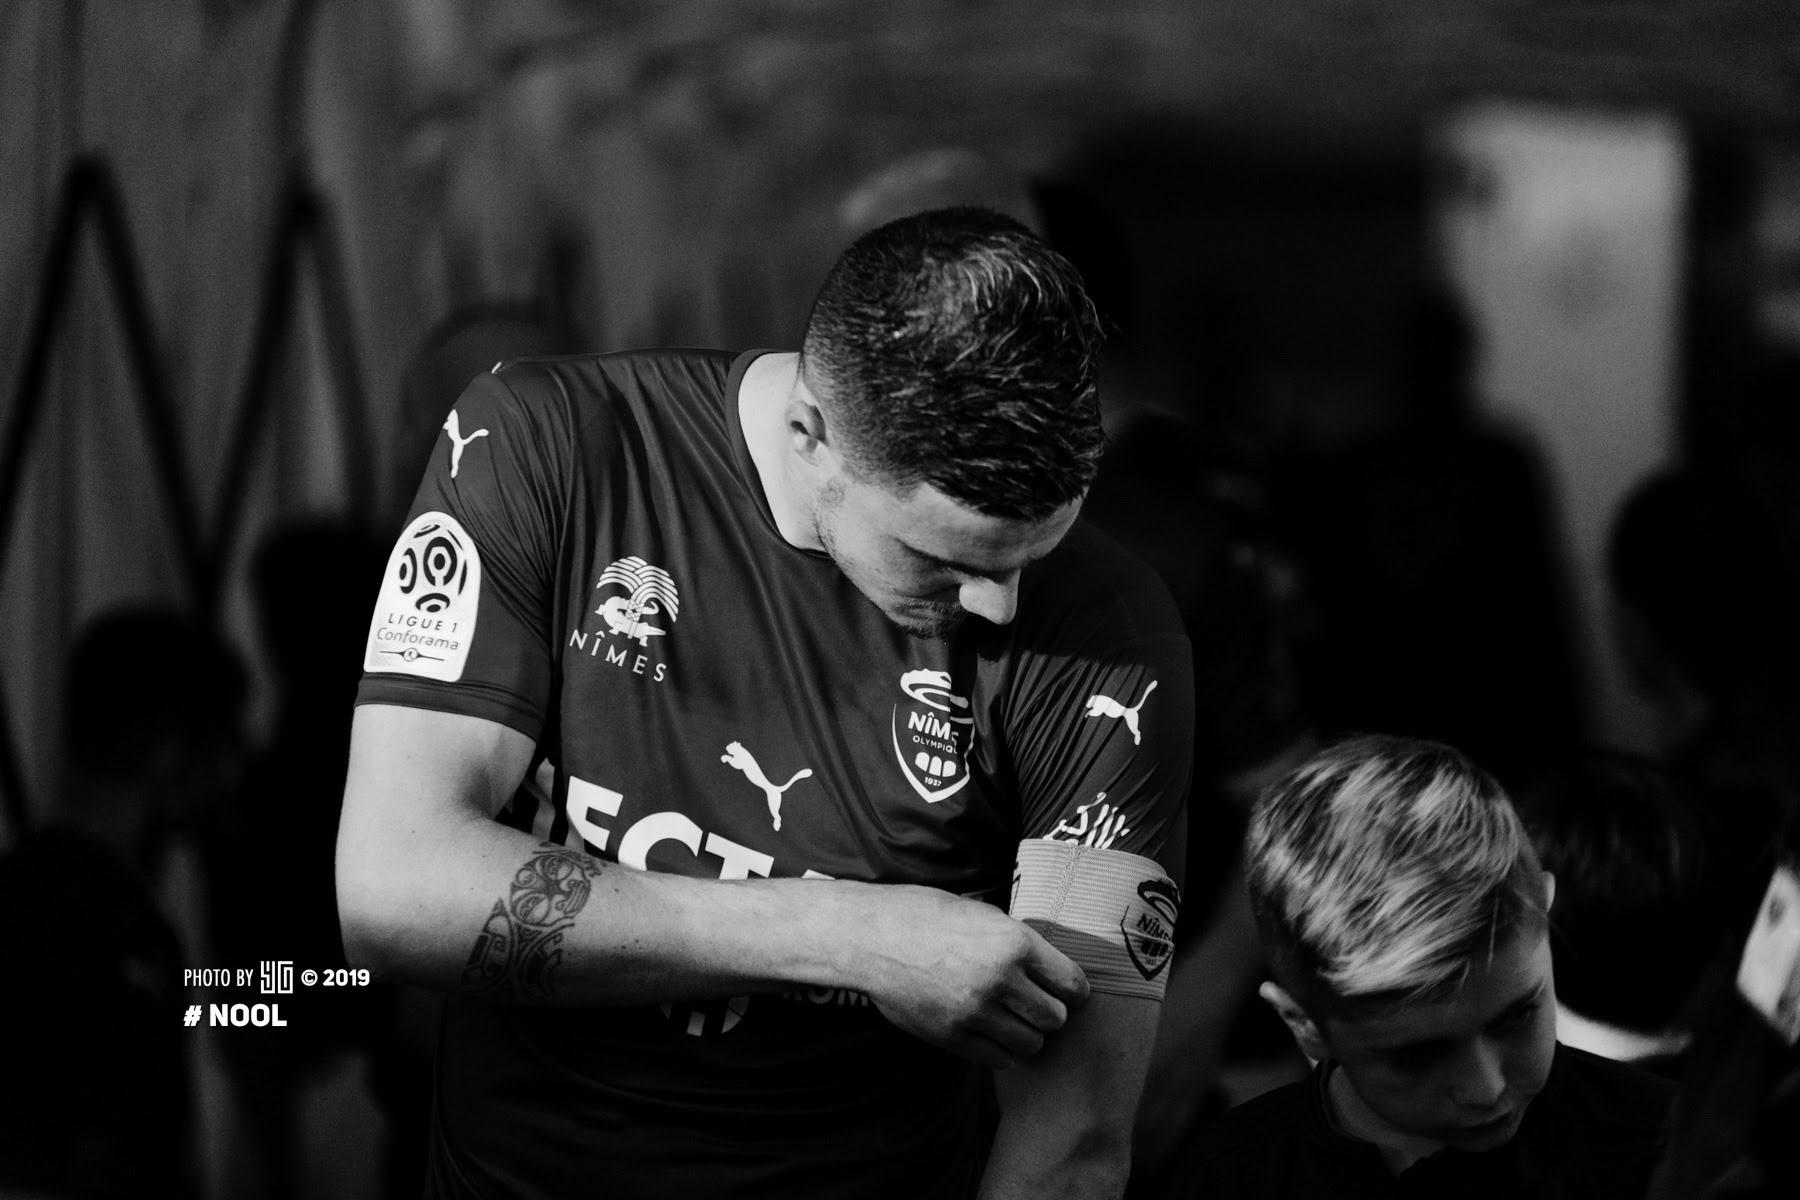 Anthony Briançon - 86 photos de la saison 2018-2019